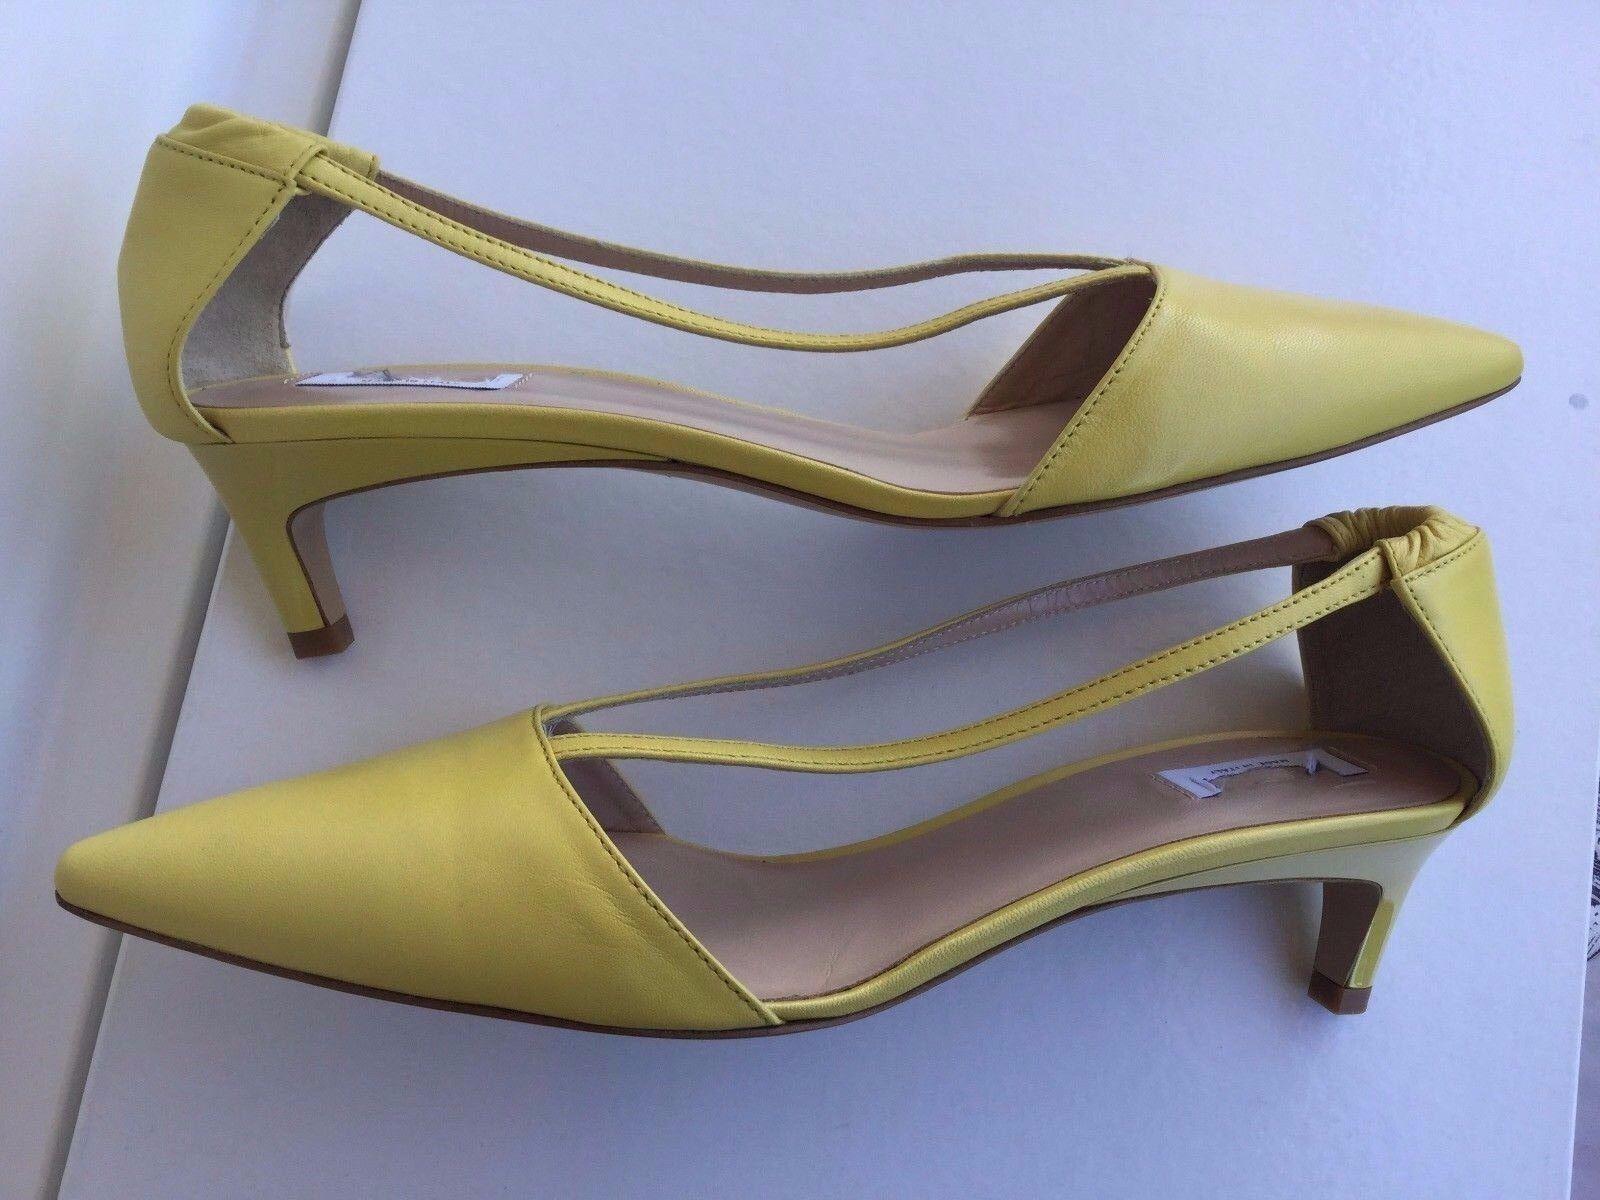 Max Mara elegant elegant elegant zapatos mujer, amarillo Color, Talla 40 zapatos eleganti mujer, pelle  contador genuino